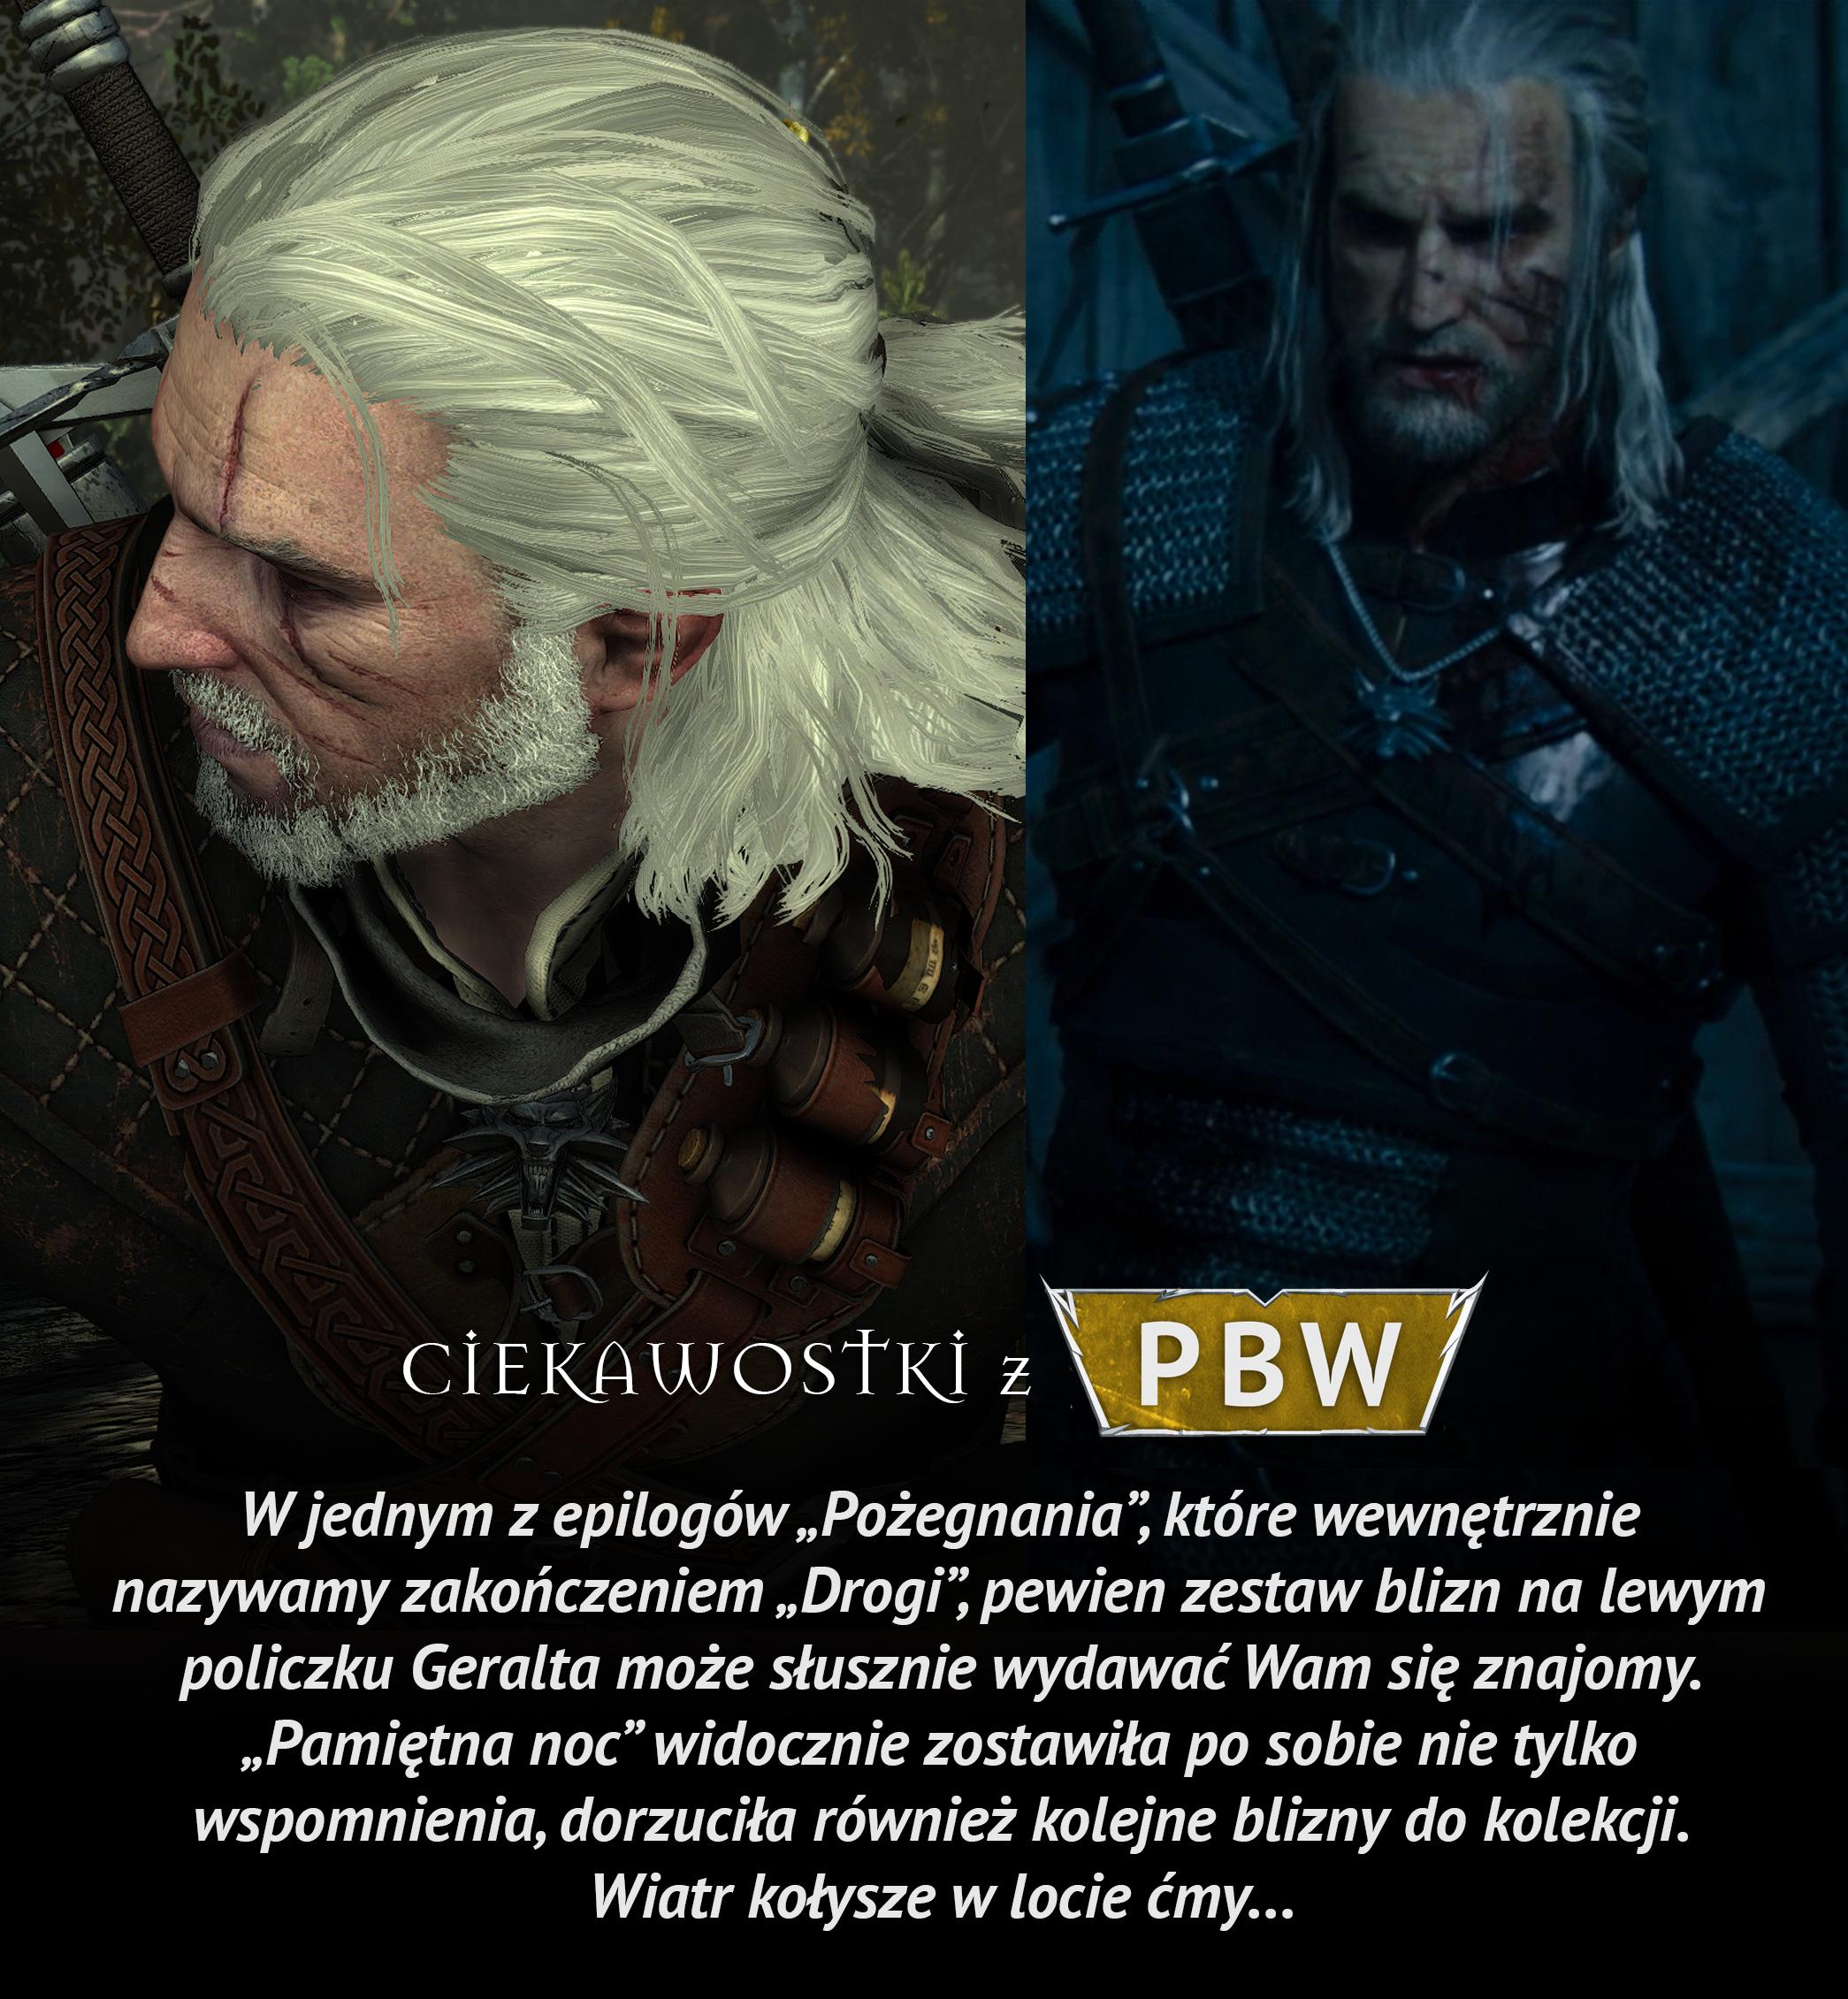 c2_pl.png